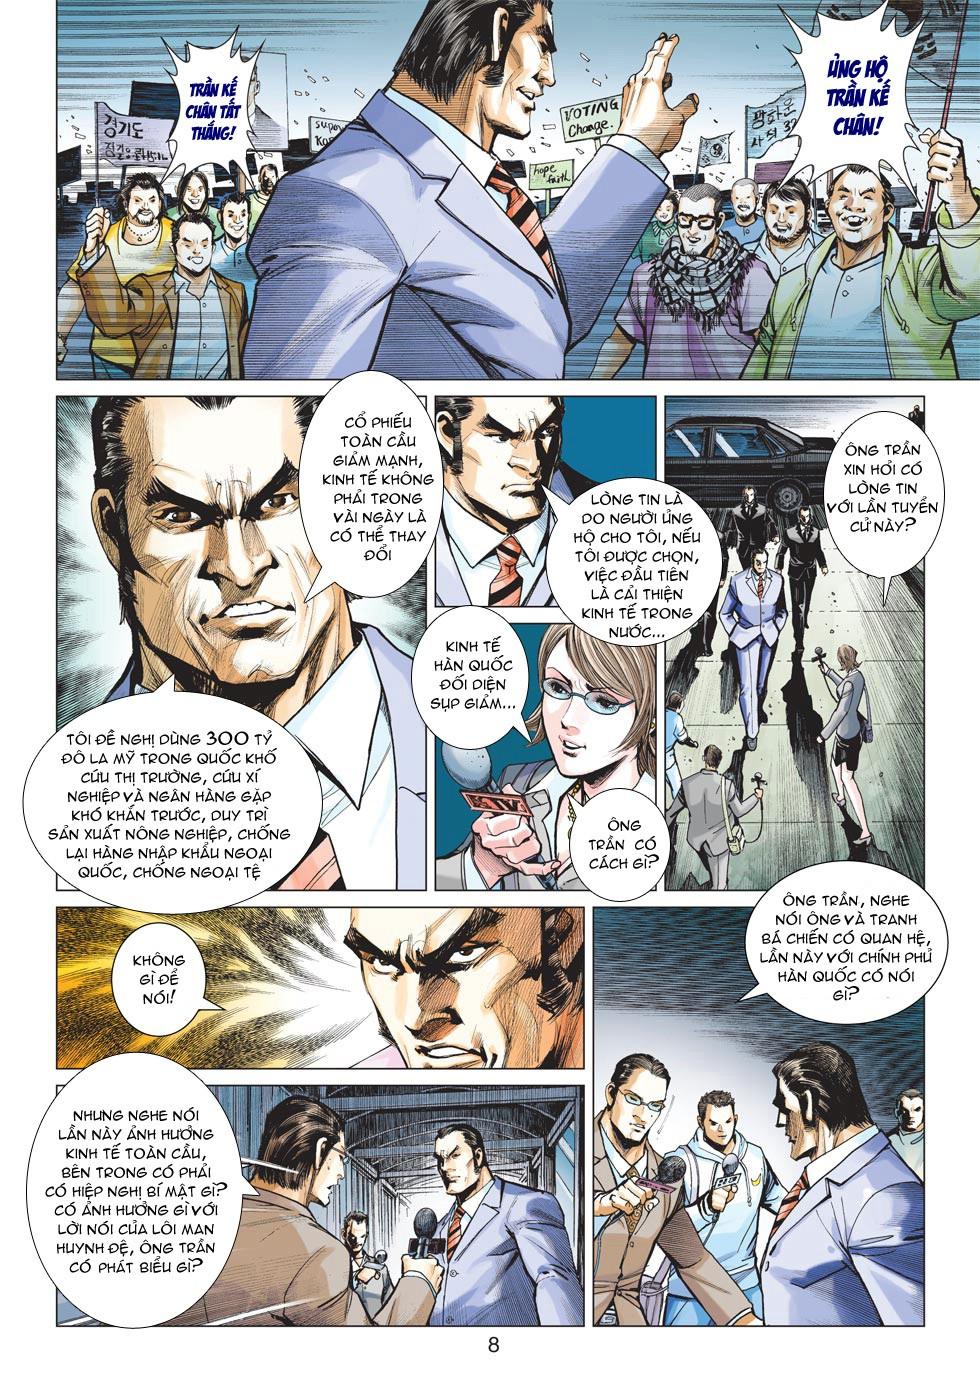 Vương Phong Lôi 1 chap 27 - Trang 7